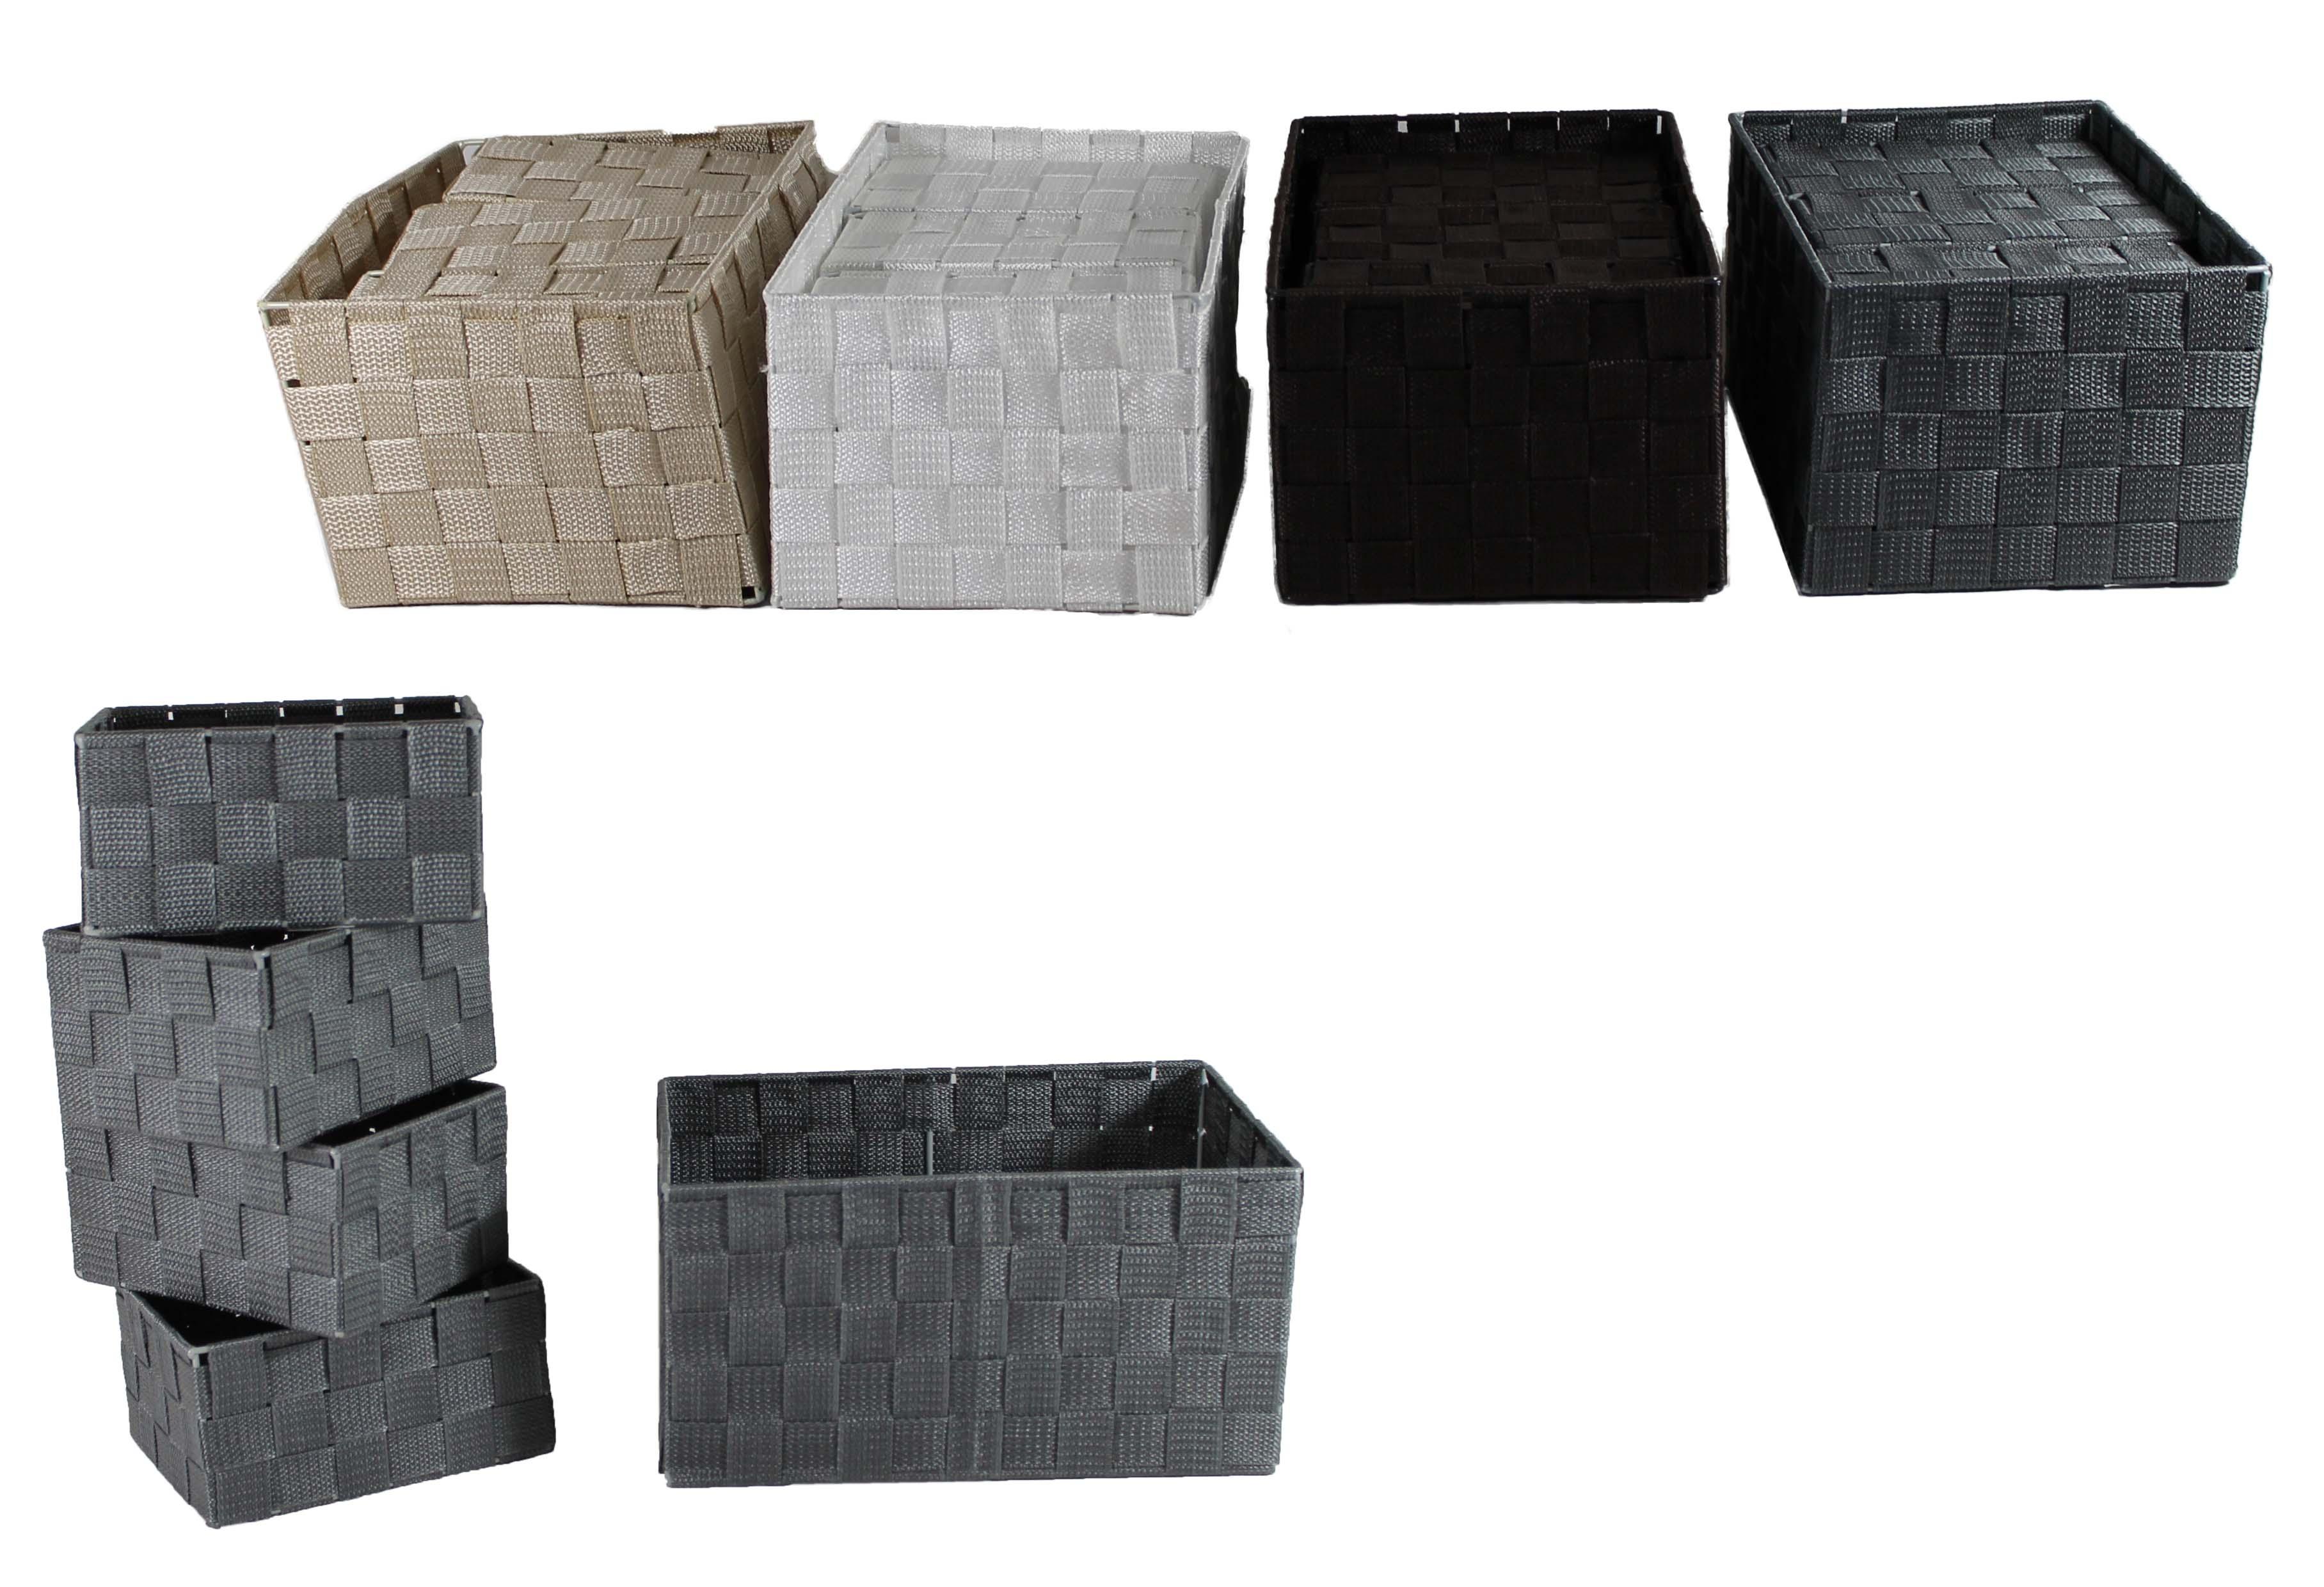 5er badezimmerkorb aufbewahrungskorb regalkorb korbset. Black Bedroom Furniture Sets. Home Design Ideas